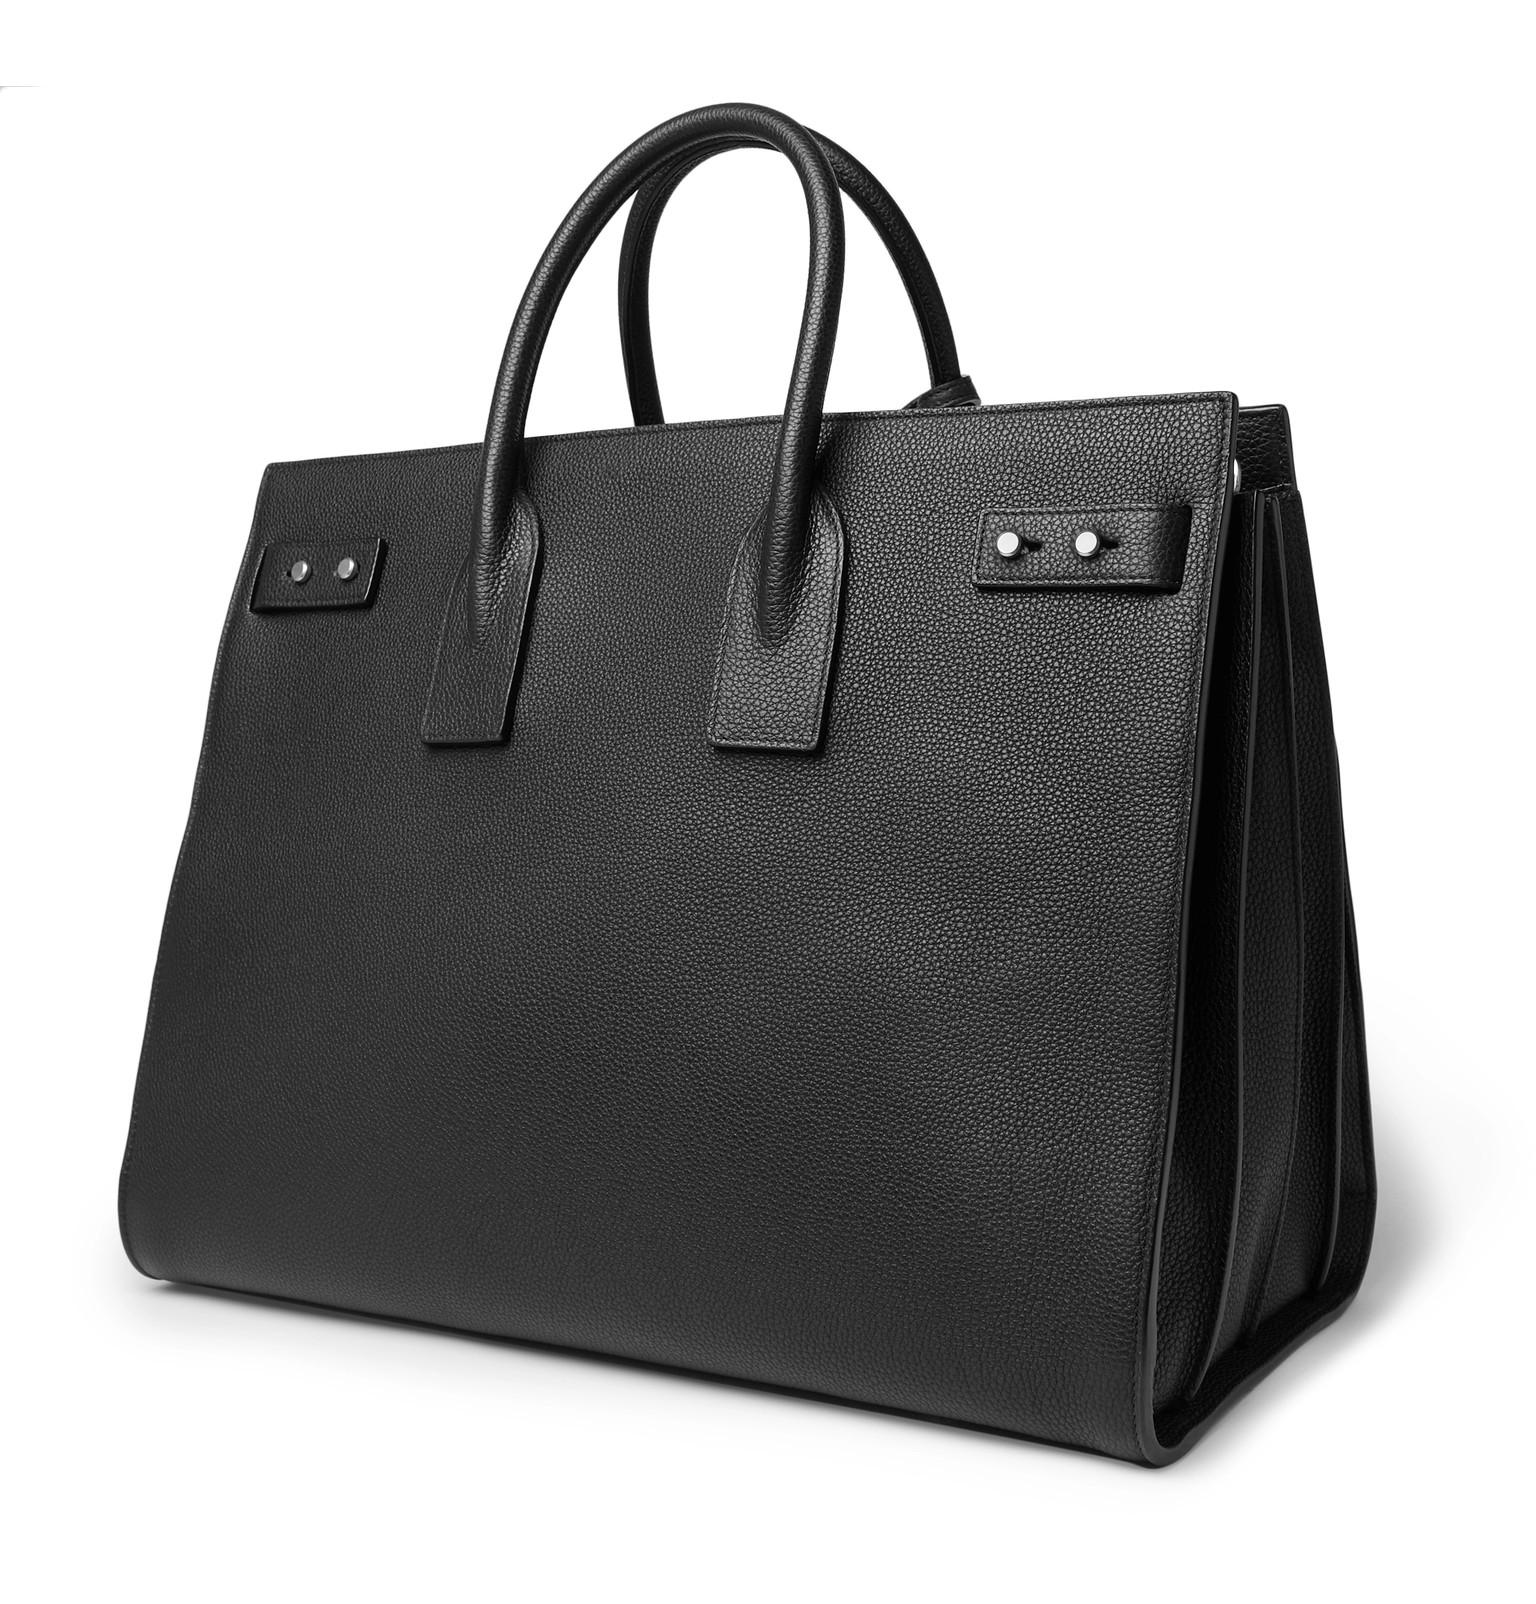 2979e5d3734 SAINT LAURENT - Sac De Jour Large Full-Grain Leather Tote Bag